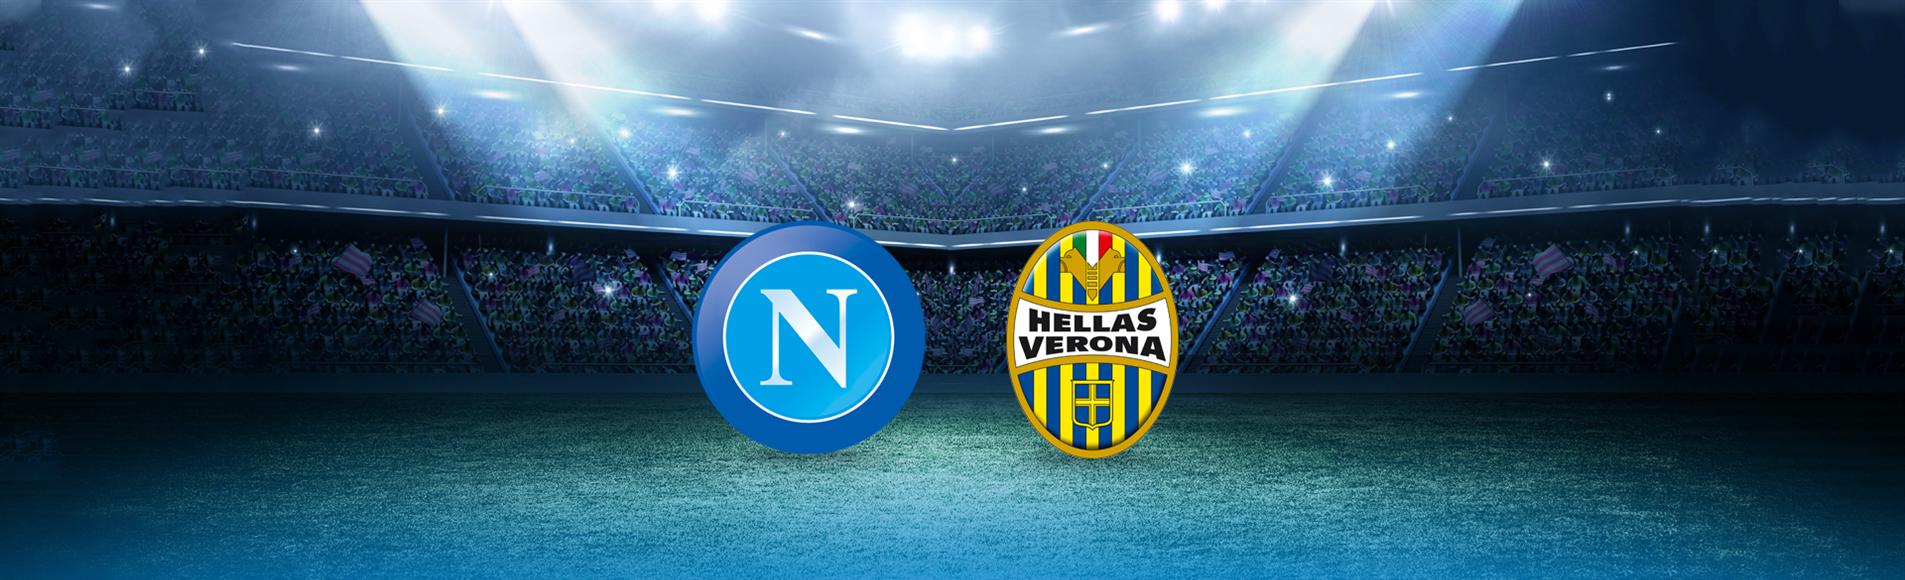 Napoli-Verona: dove vedere la partita in tv e diretta streaming - NAPOLI CALCIO